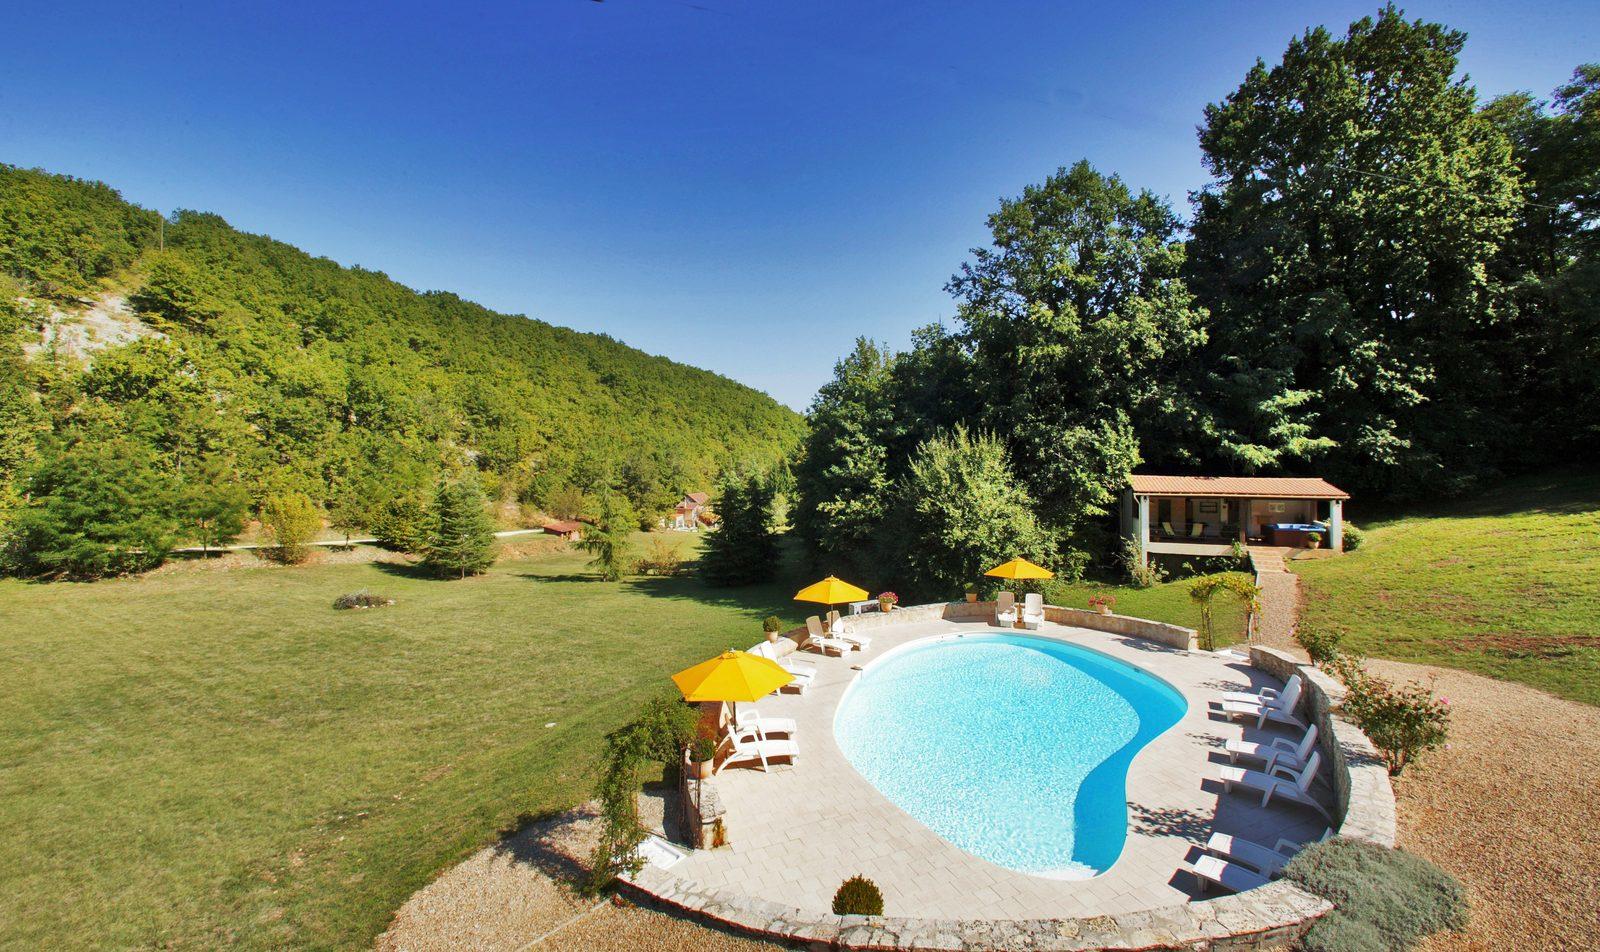 Frankrijk, Dordogne, Lot, Souillac, natuur, gezin, vakantie, zwembad, sauna, jacuzzi